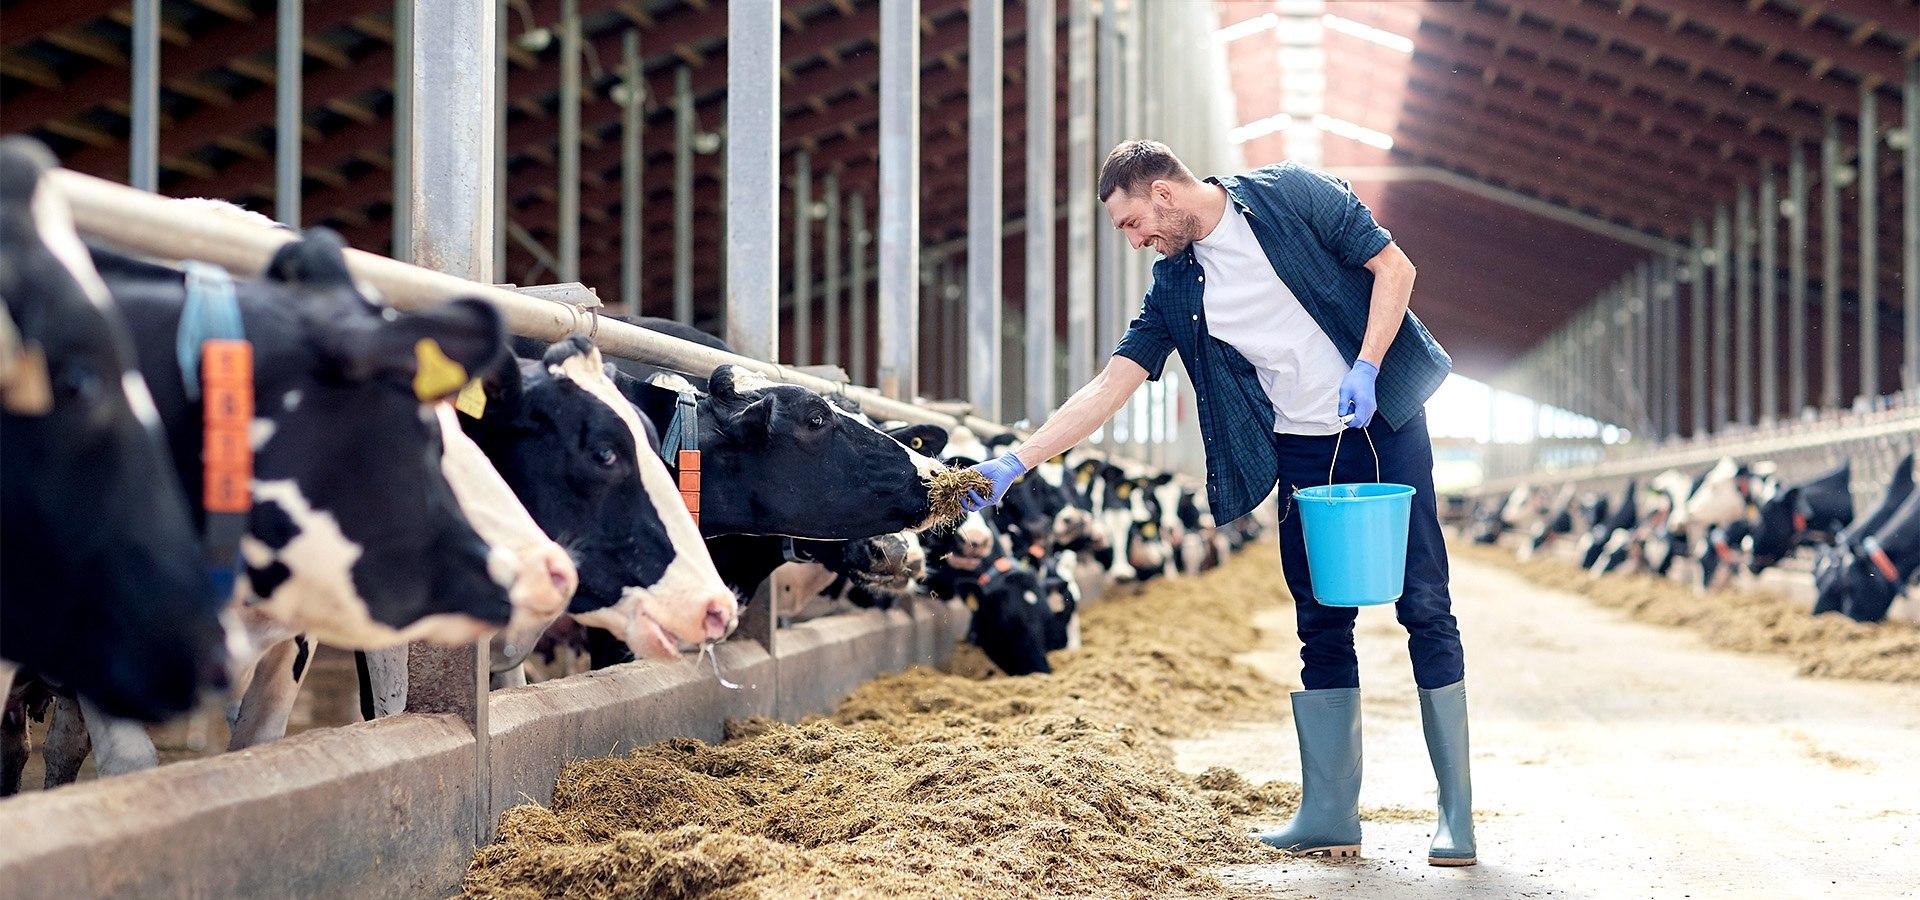 PRIMAGAS - Flüssiggas für die Landwirtschaft, Kuhstall, Fütterung